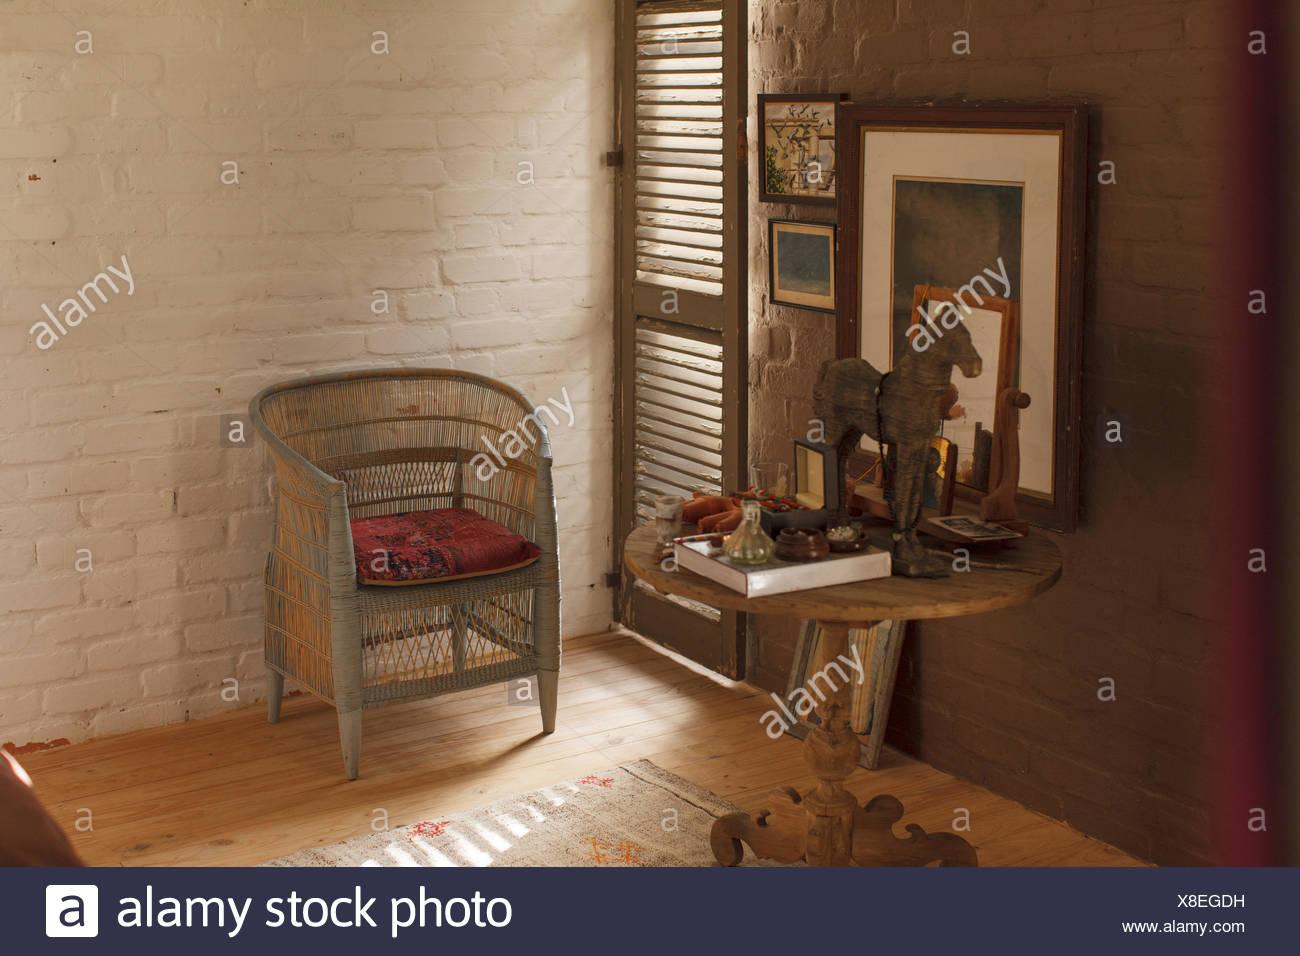 Tavolo laterale e decorazioni in camera da letto in stile rustico Immagini Stock